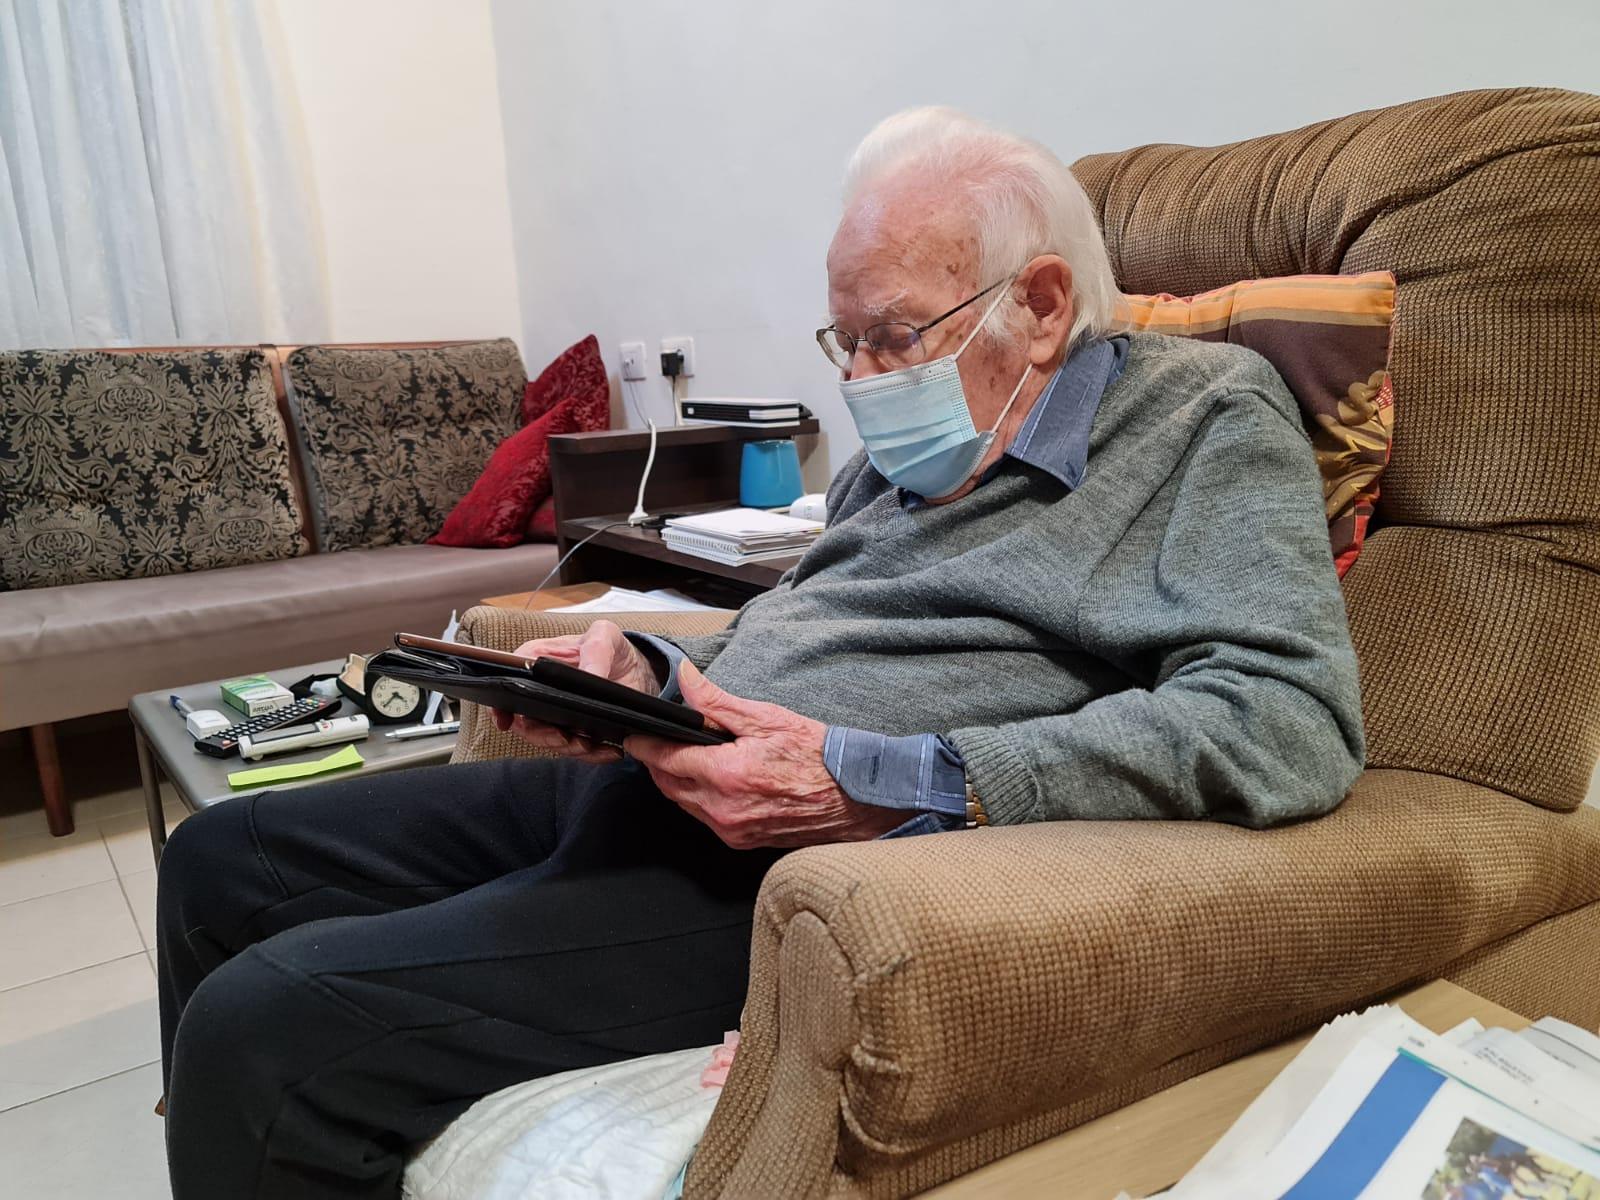 אהרון ידלין בן ה-94 מצביע בביתו במועצ בתנועה הקודמת כציר מטעם קיבוצו